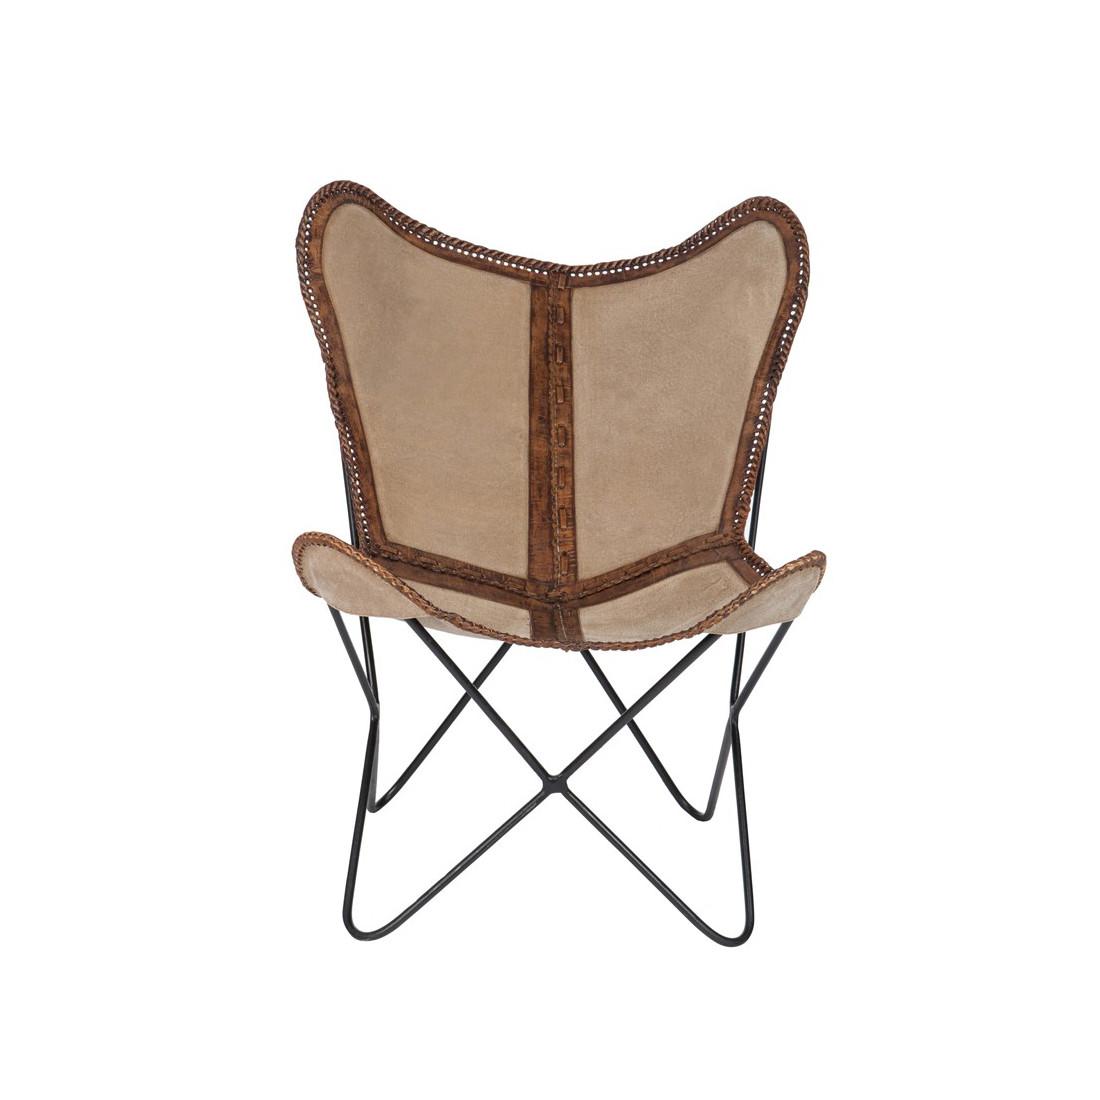 chaise lounge cuir beige marron jolly univers du salon. Black Bedroom Furniture Sets. Home Design Ideas